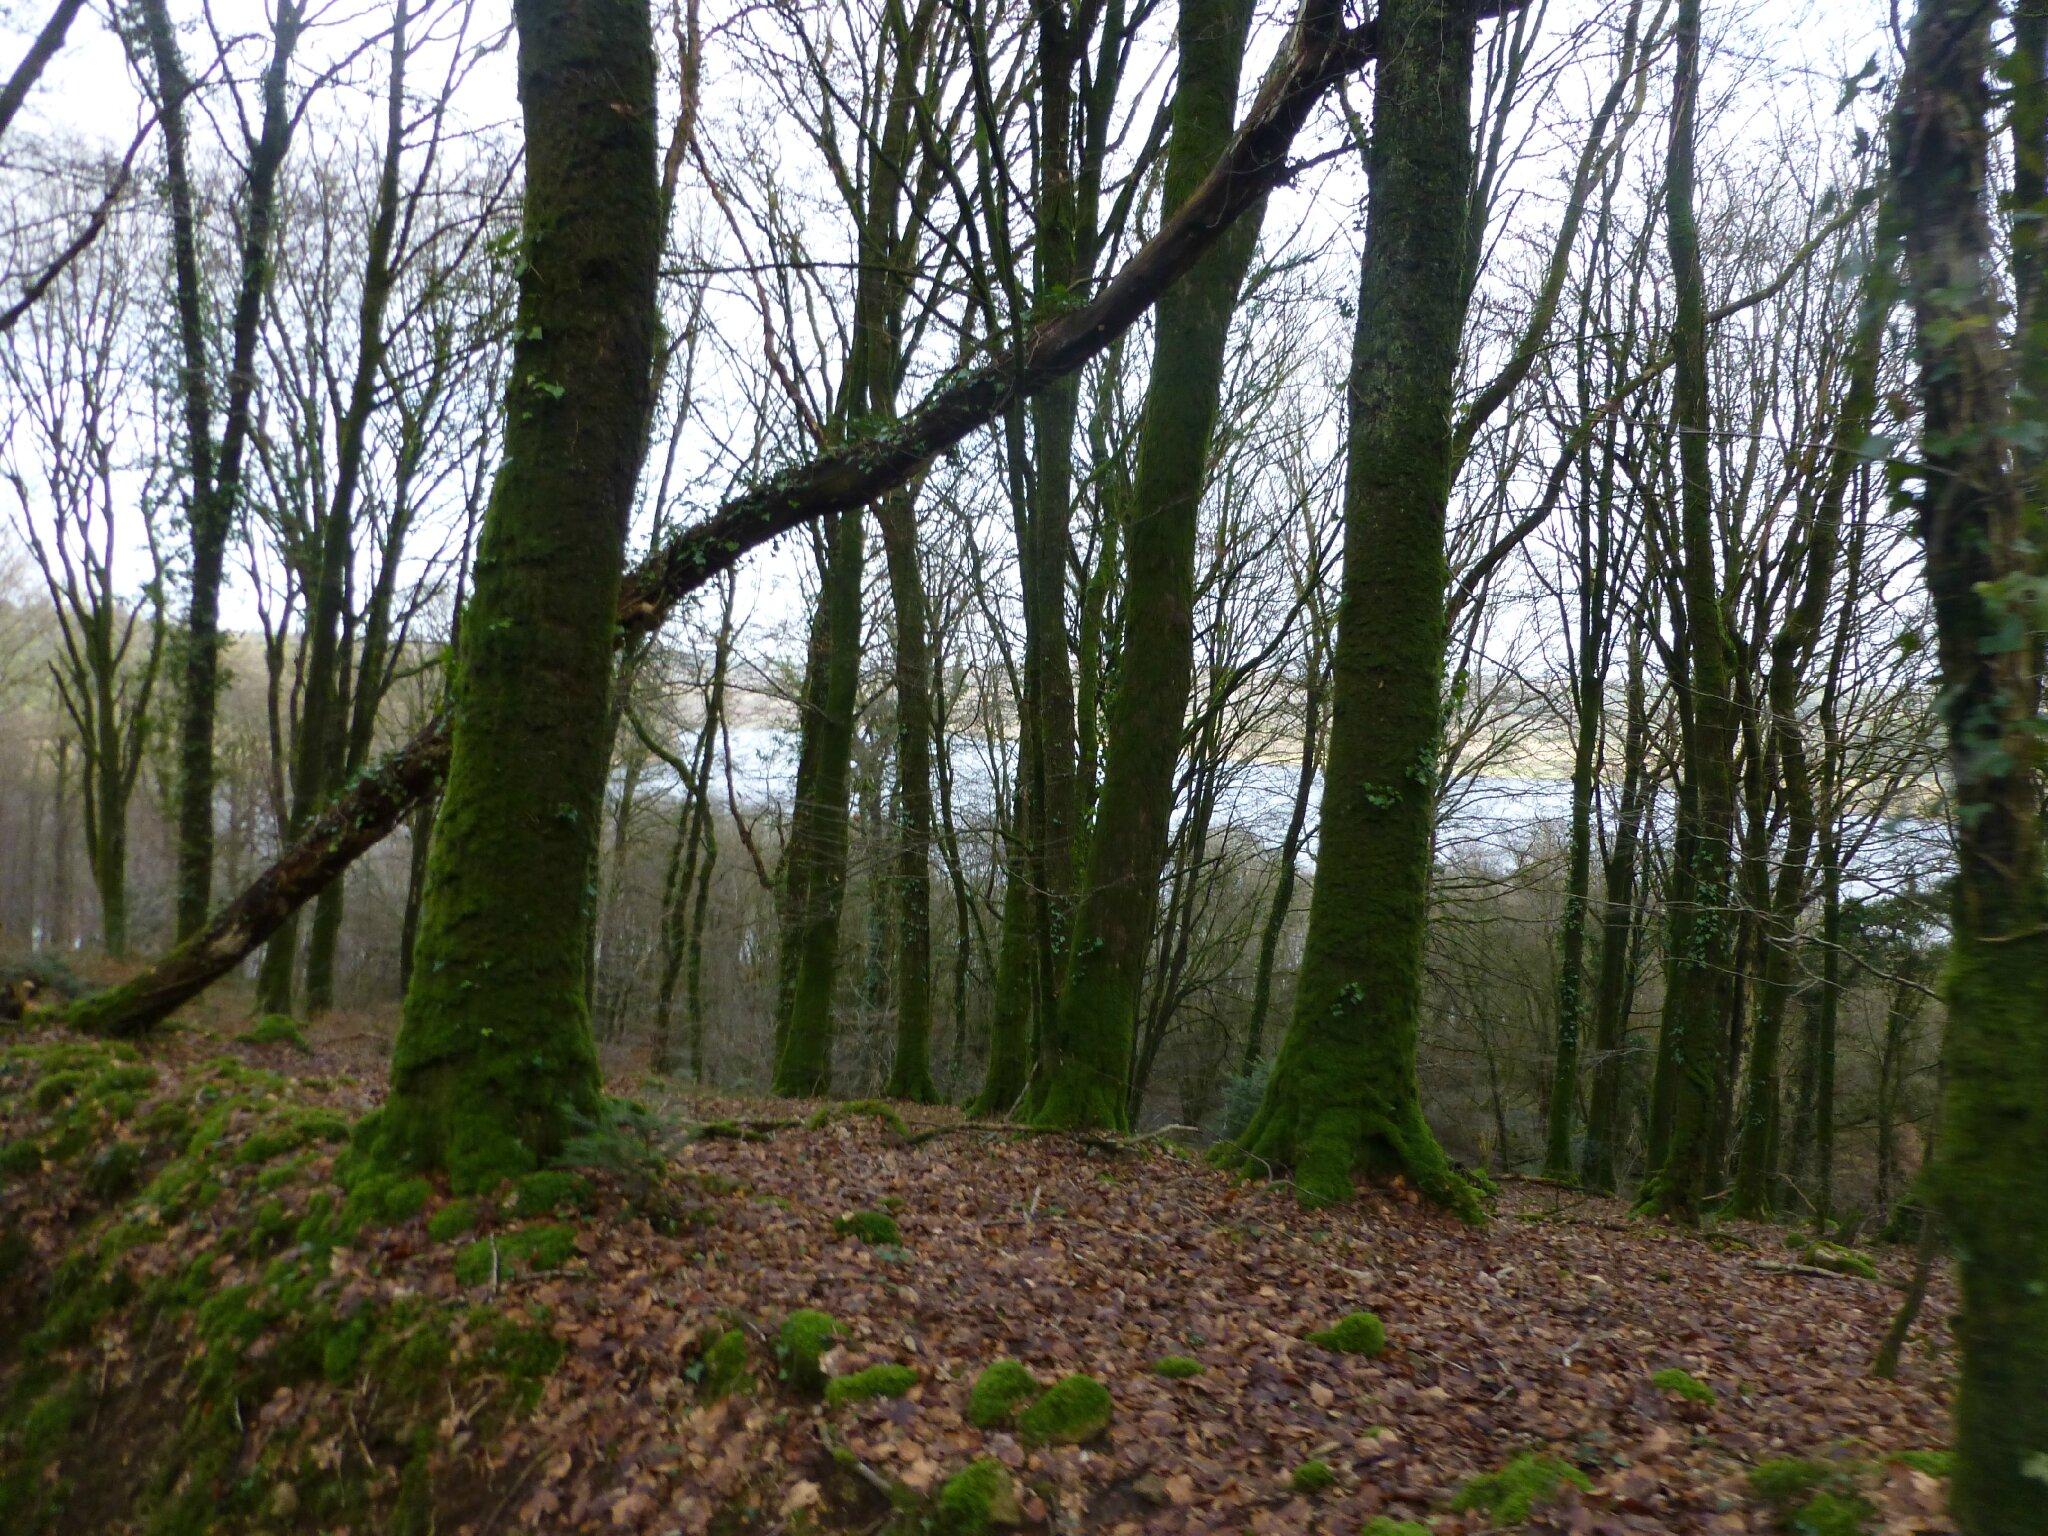 Balade à cheval dans la forêt P1080282